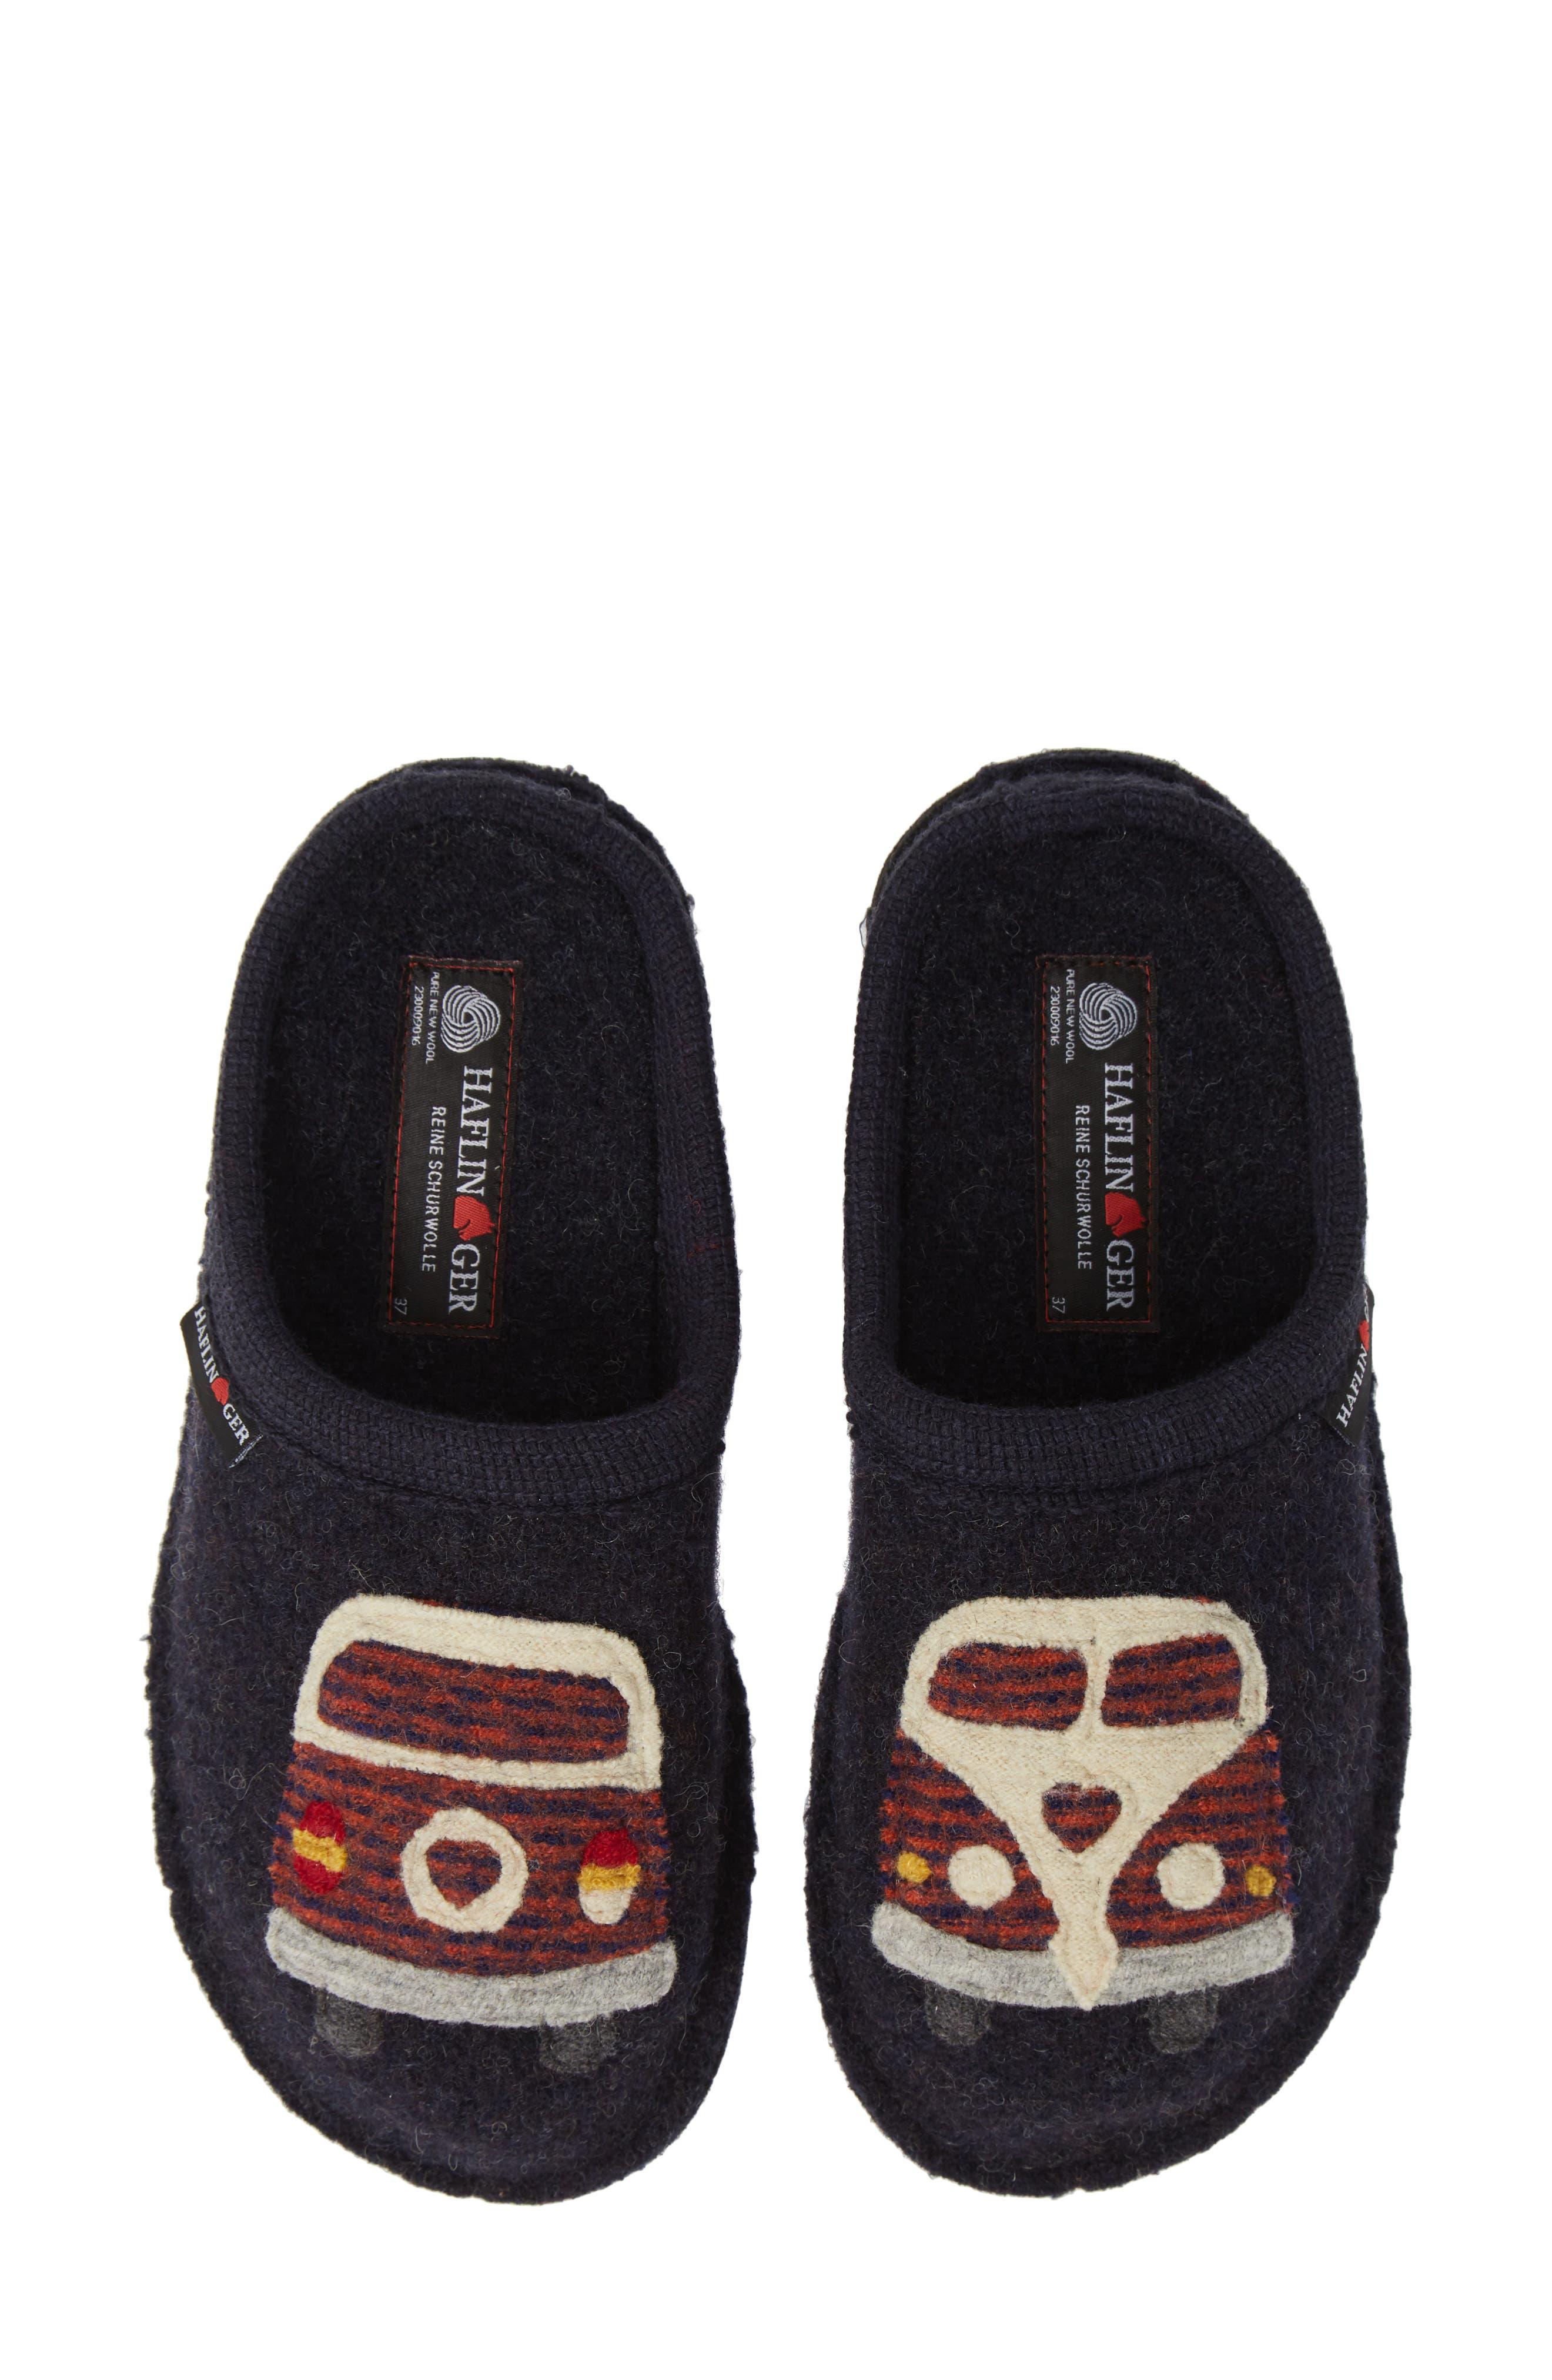 55d05b31ce9 Haflinger Slippers